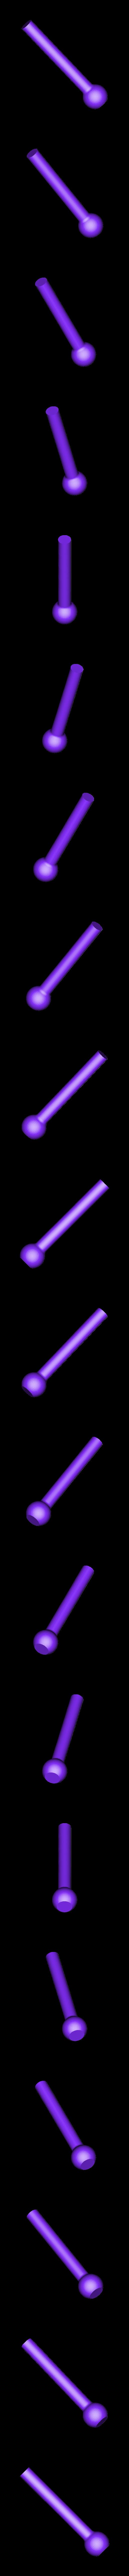 Piston_small_V1.stl Télécharger fichier STL gratuit Transmission entre trois arbres (SANS VITESSES) • Design pour impression 3D, 3DED